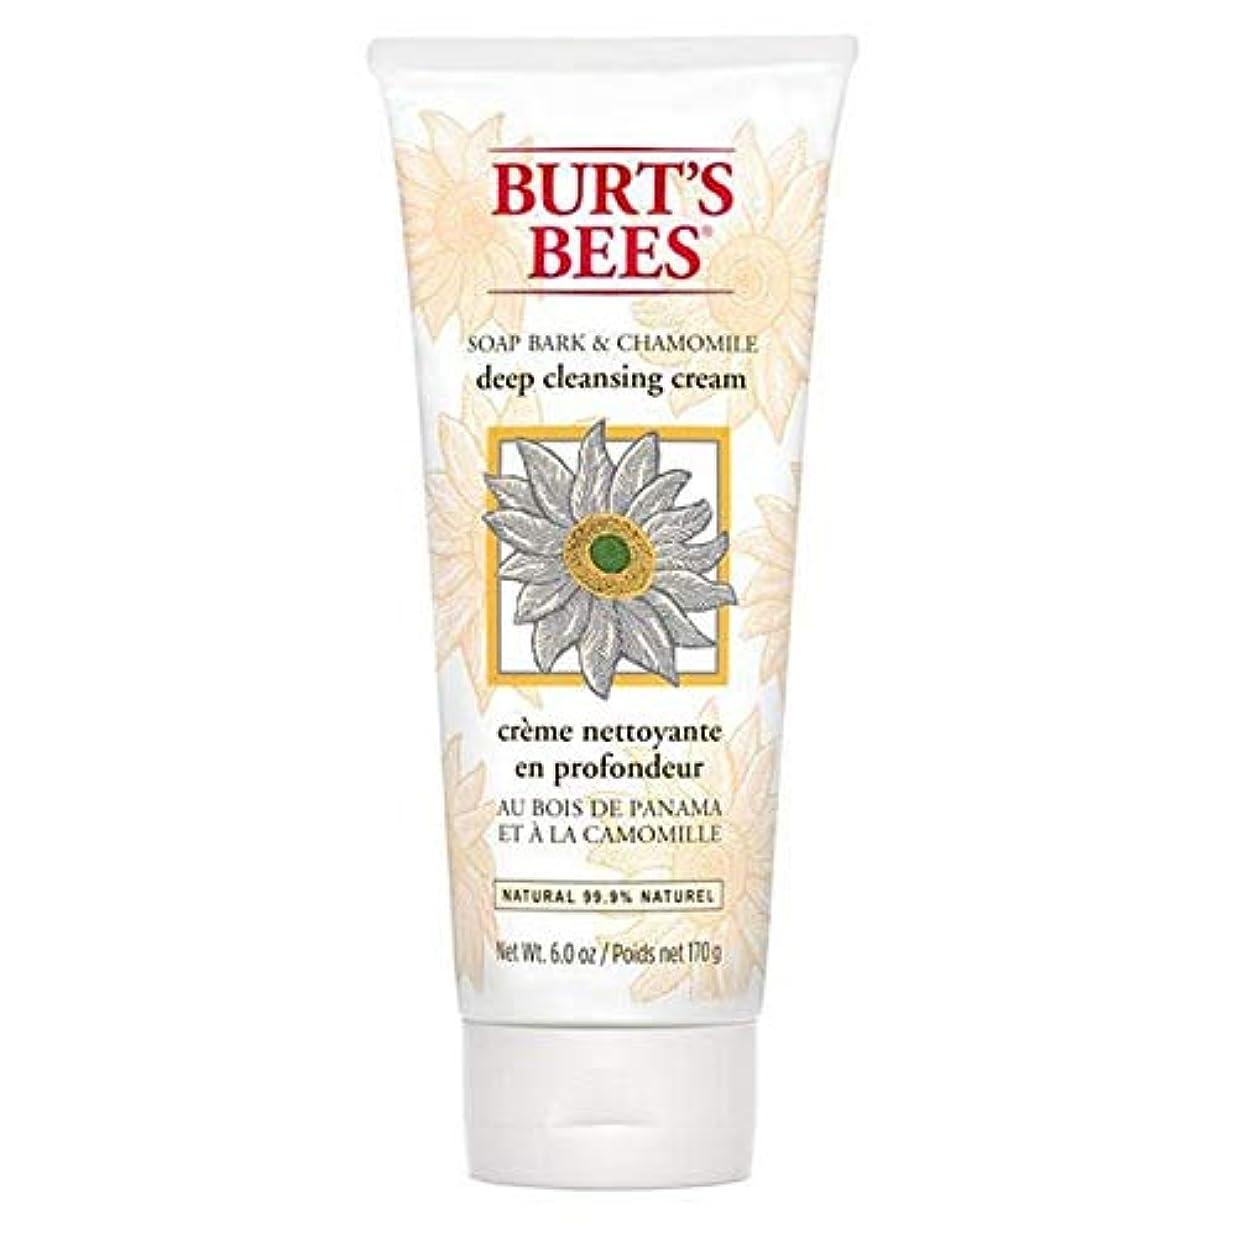 コークス毎週意図する[Burt's Bees ] バーツビー石鹸樹皮&カモミールディープクレンジングクリーム170グラム - Burt's Bees Soap Bark & Chamomile Deep Cleansing Cream 170g...